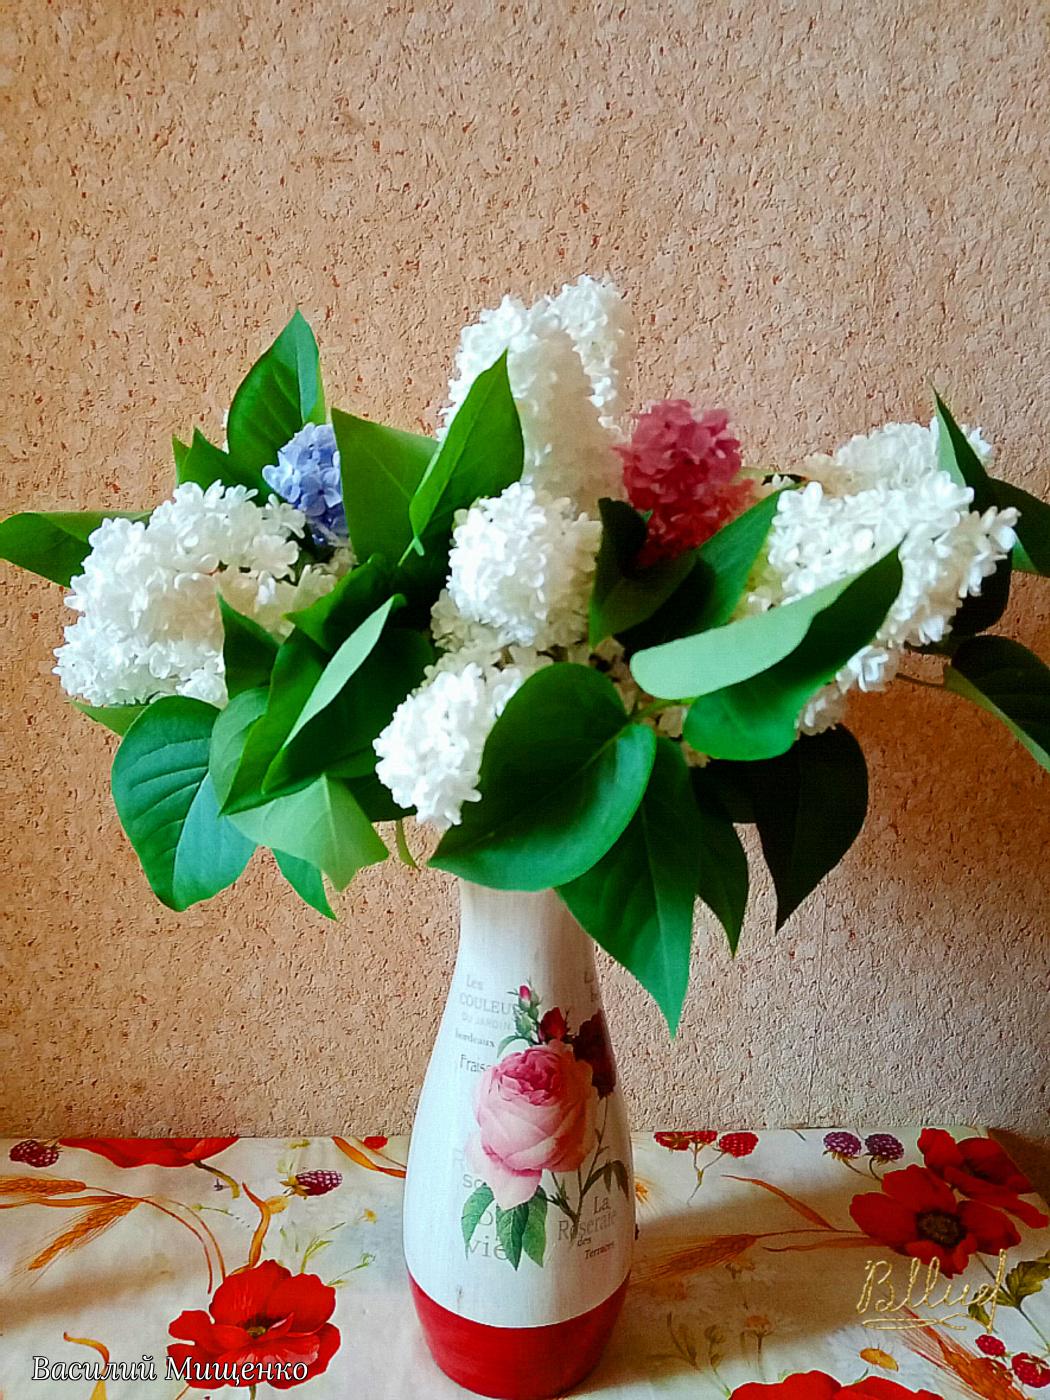 Vasiliy Mishchenko. Flowers 055